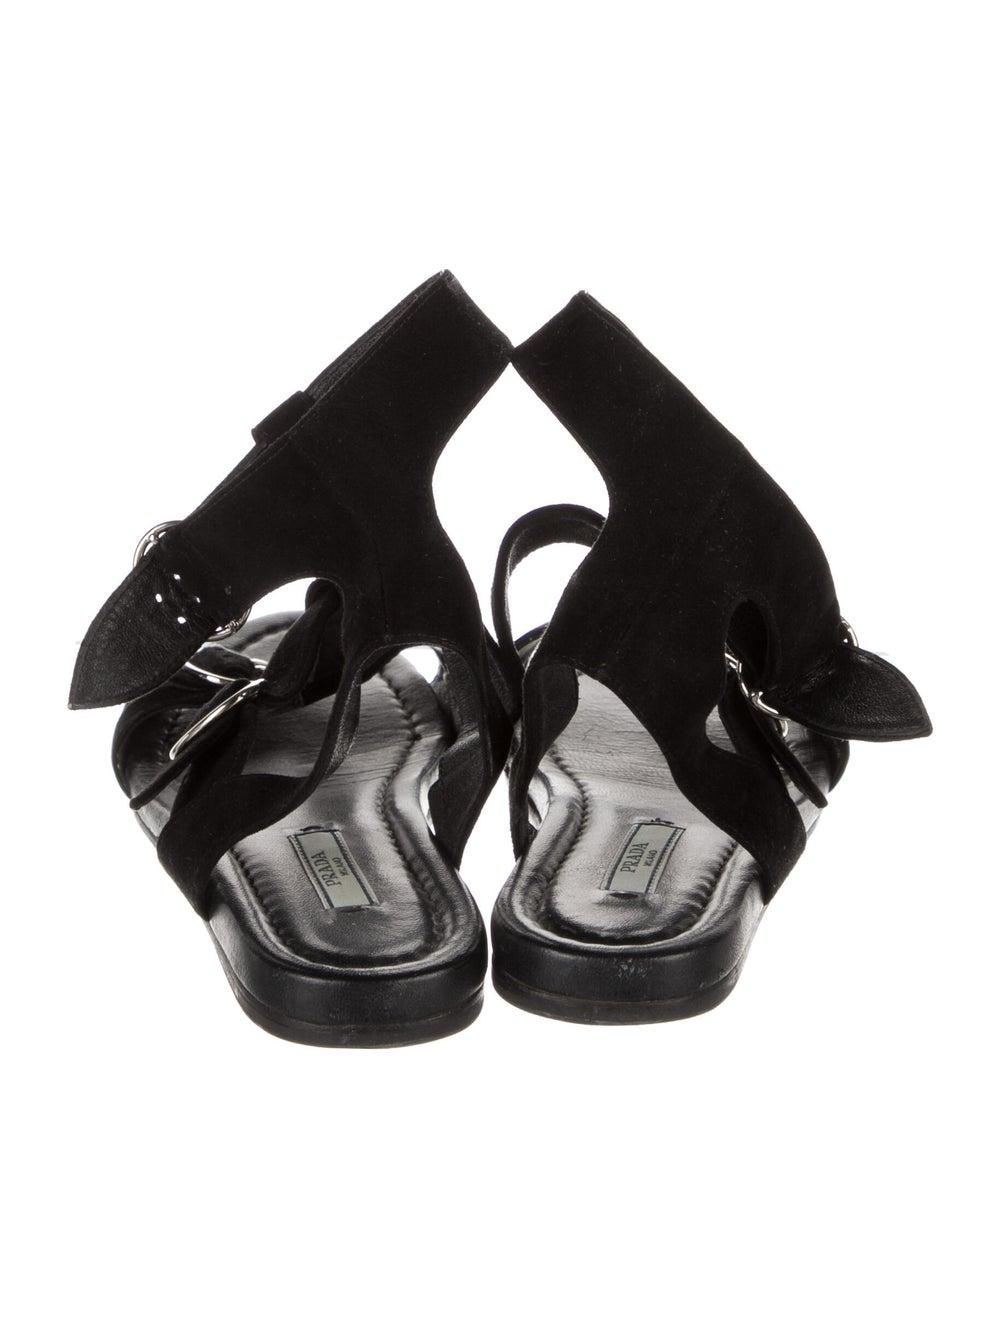 Prada Suede Gladiator Sandals Black - image 4